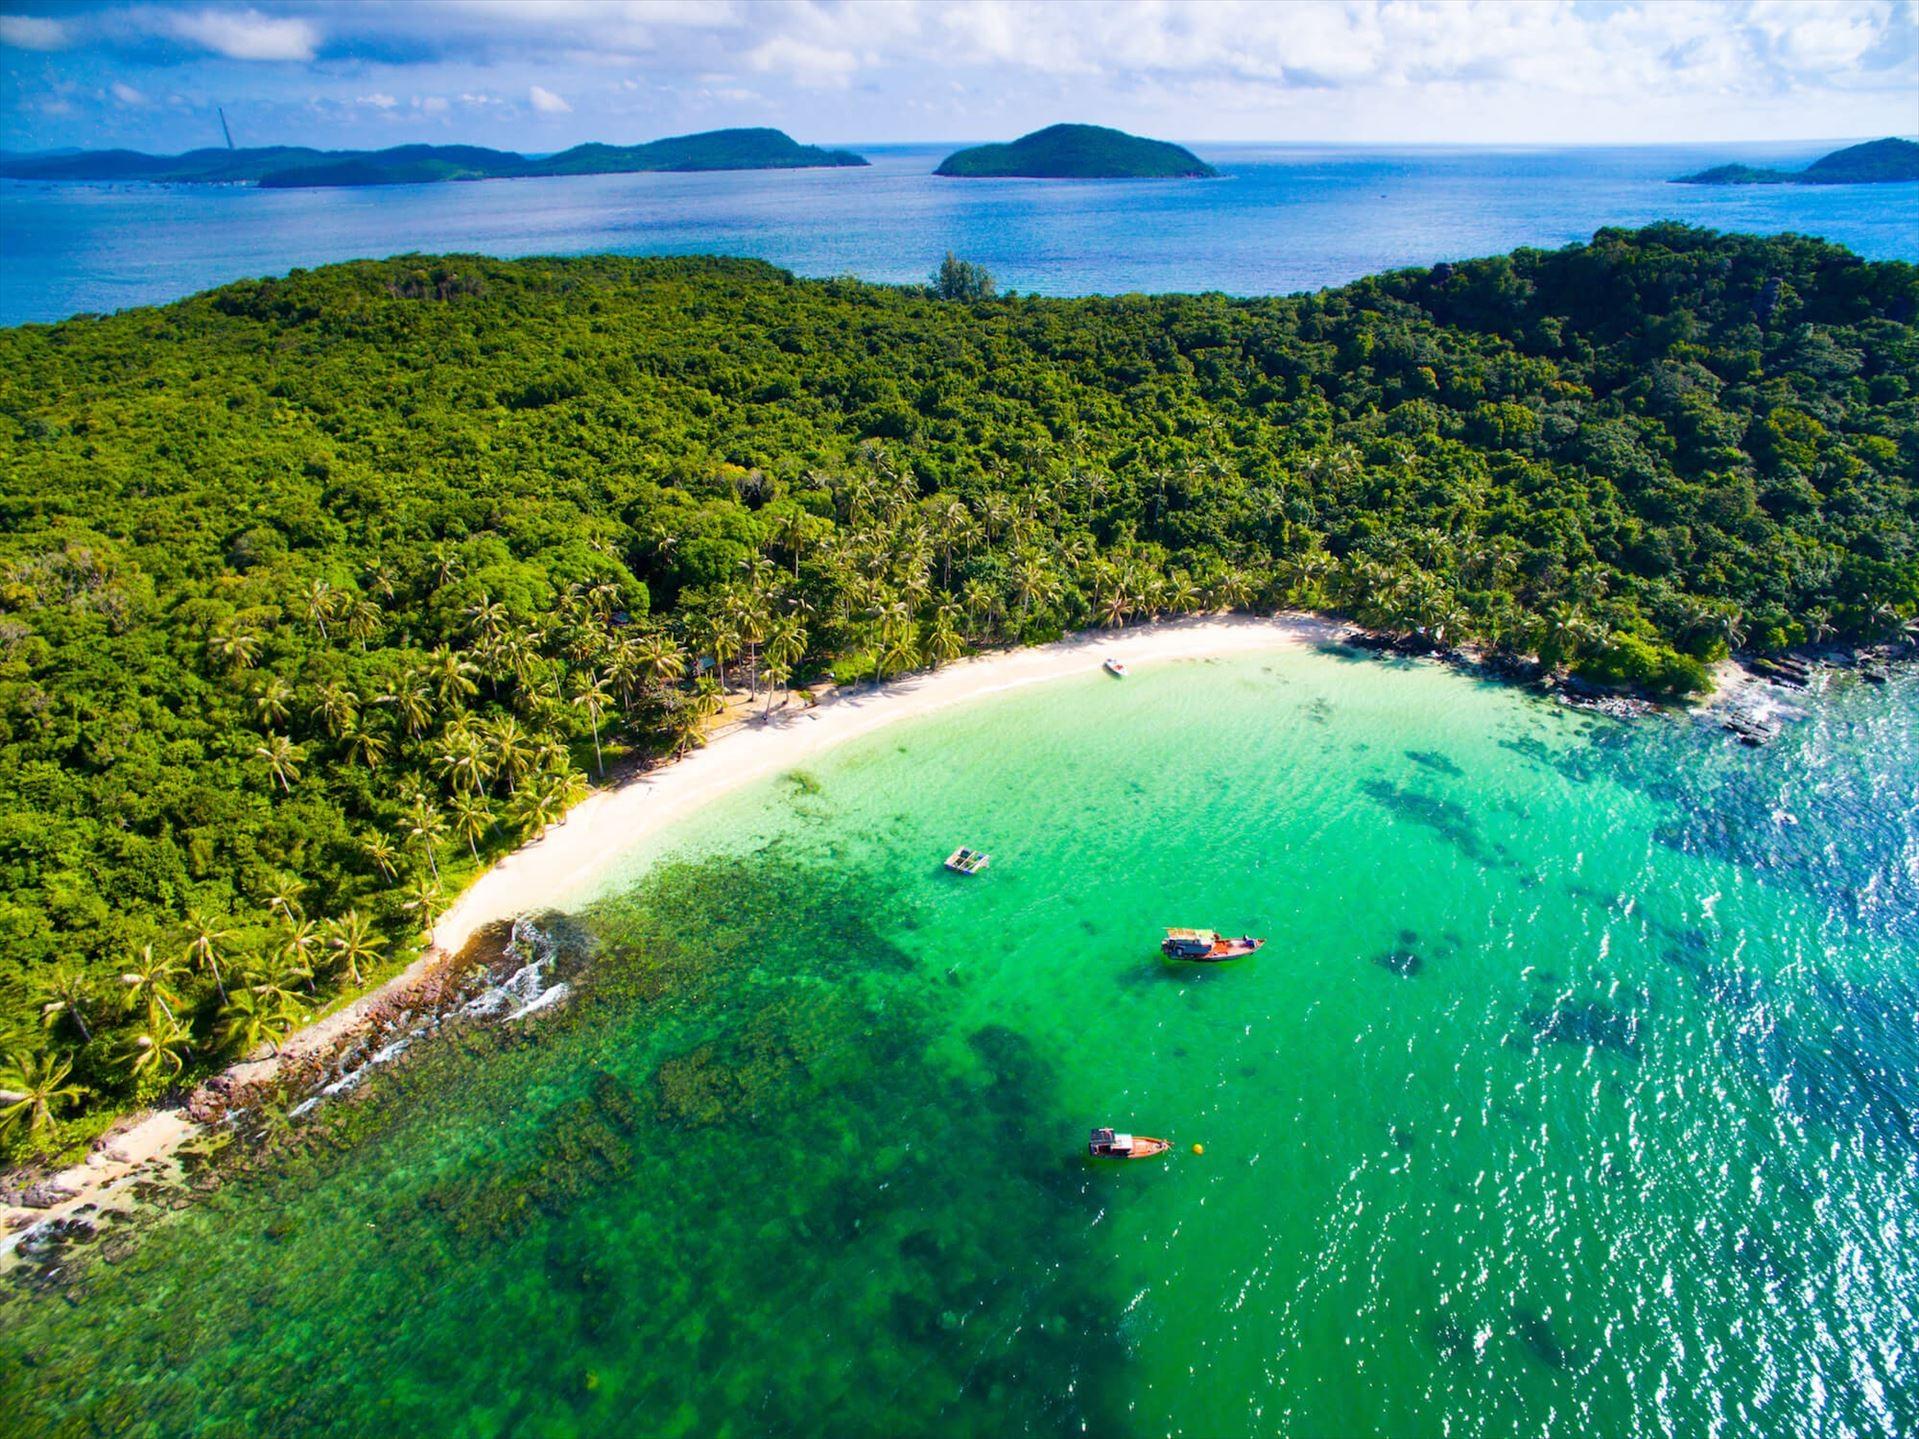 Khám phá Phú Quốc – Thiên đường biển đảo của Phương Nam